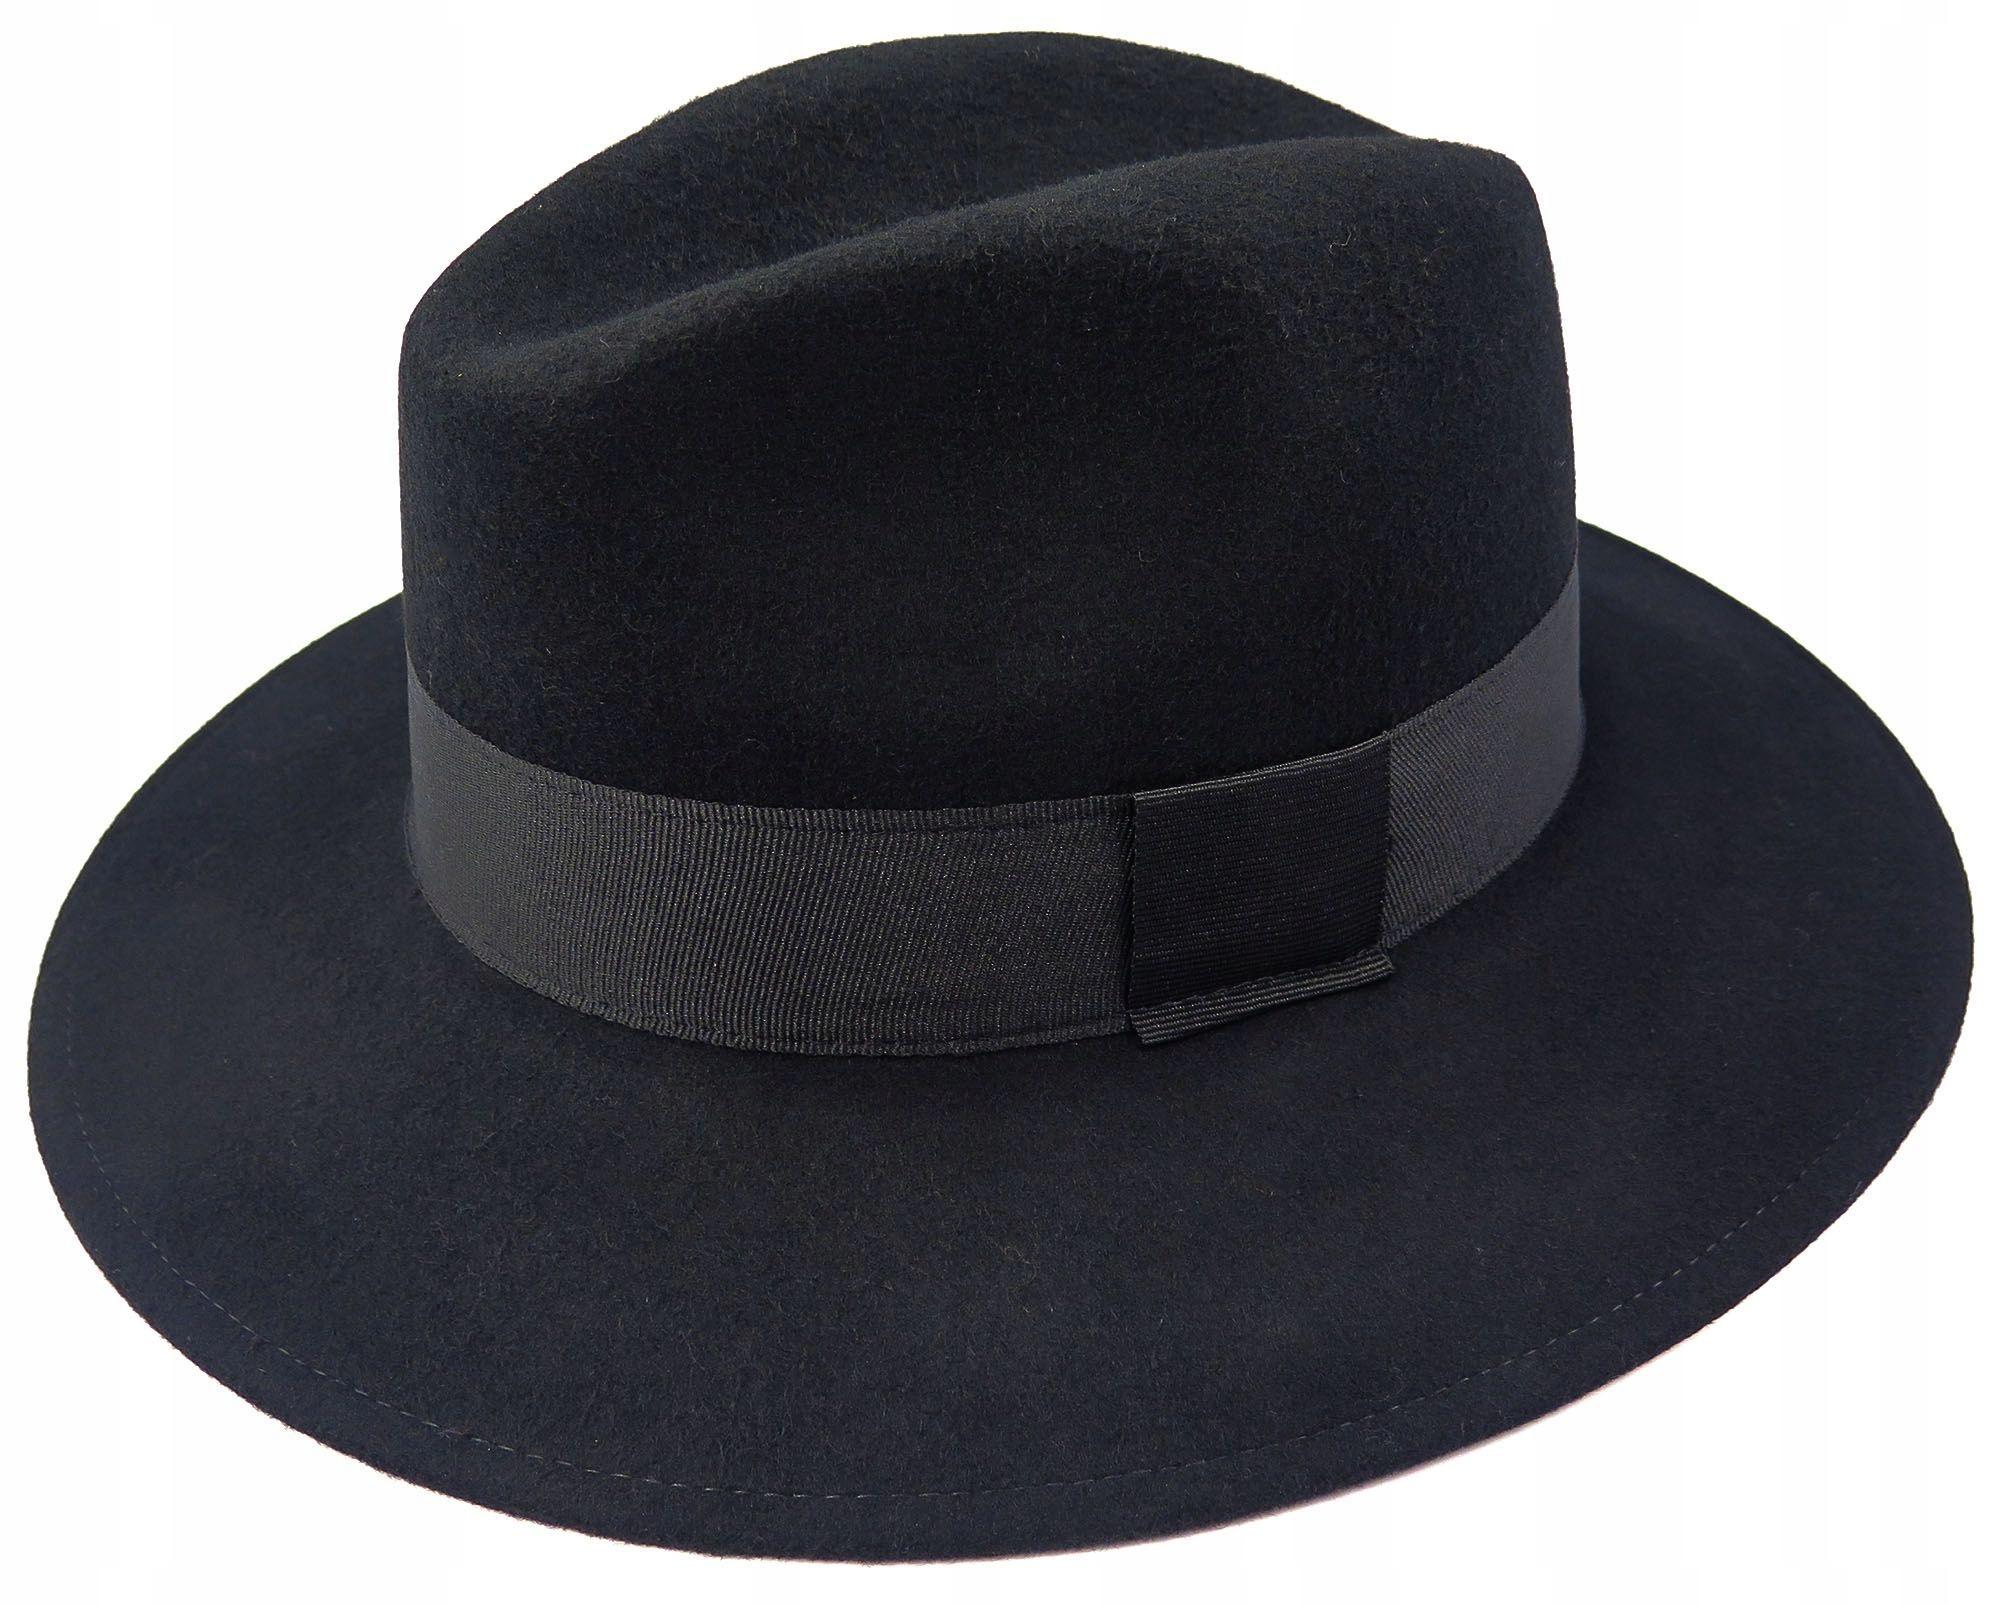 Stylowy czarny kapelusz męski szerokie rondo G2 56